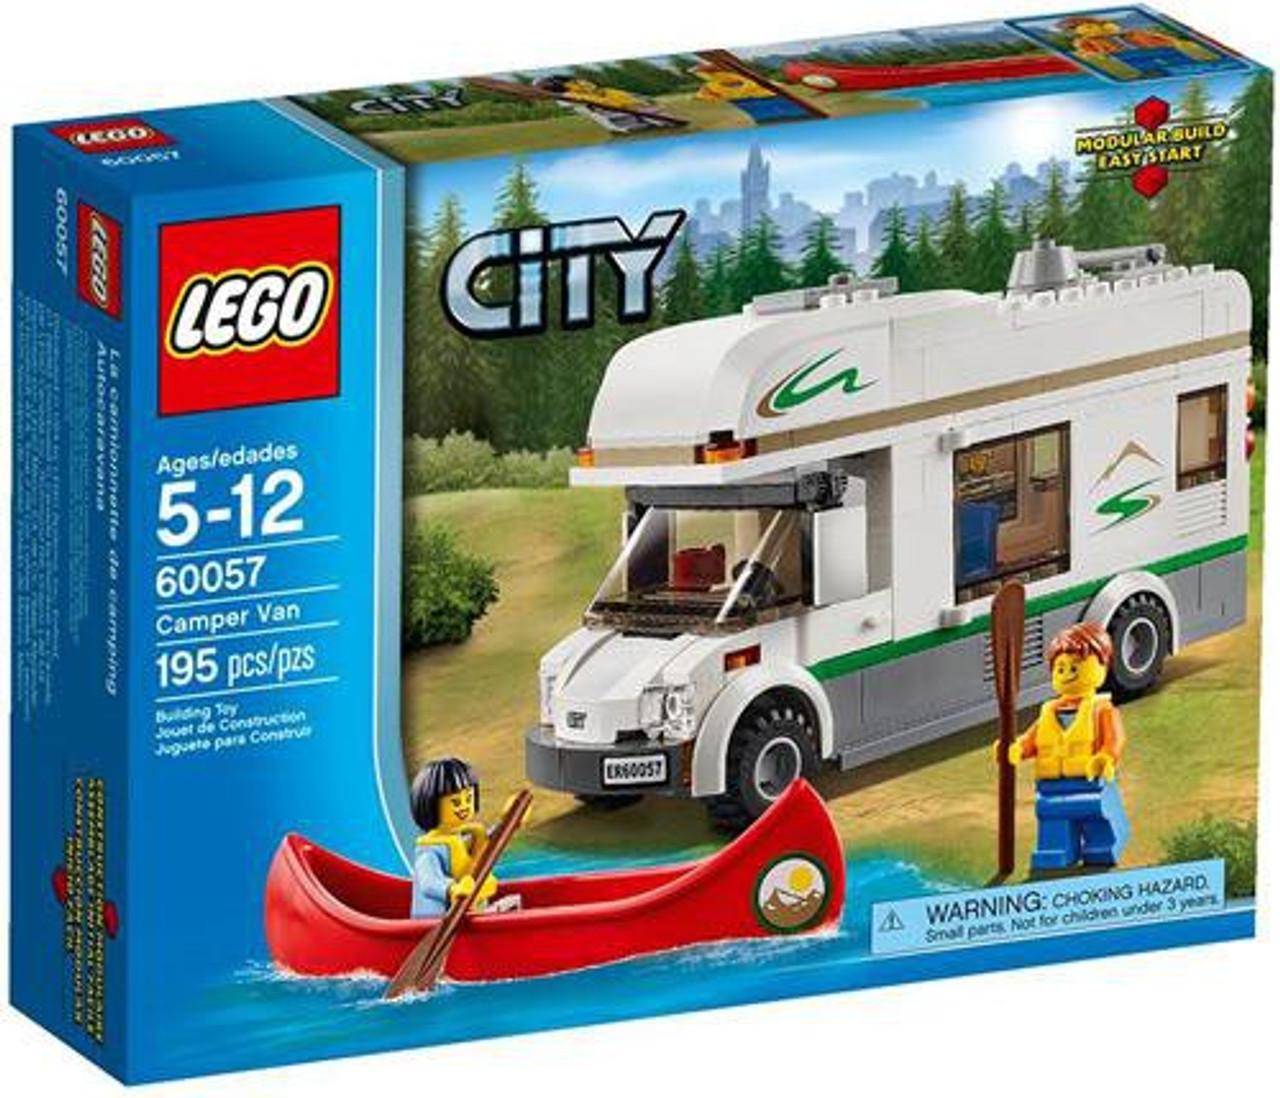 LEGO City Camper Van Set #60057